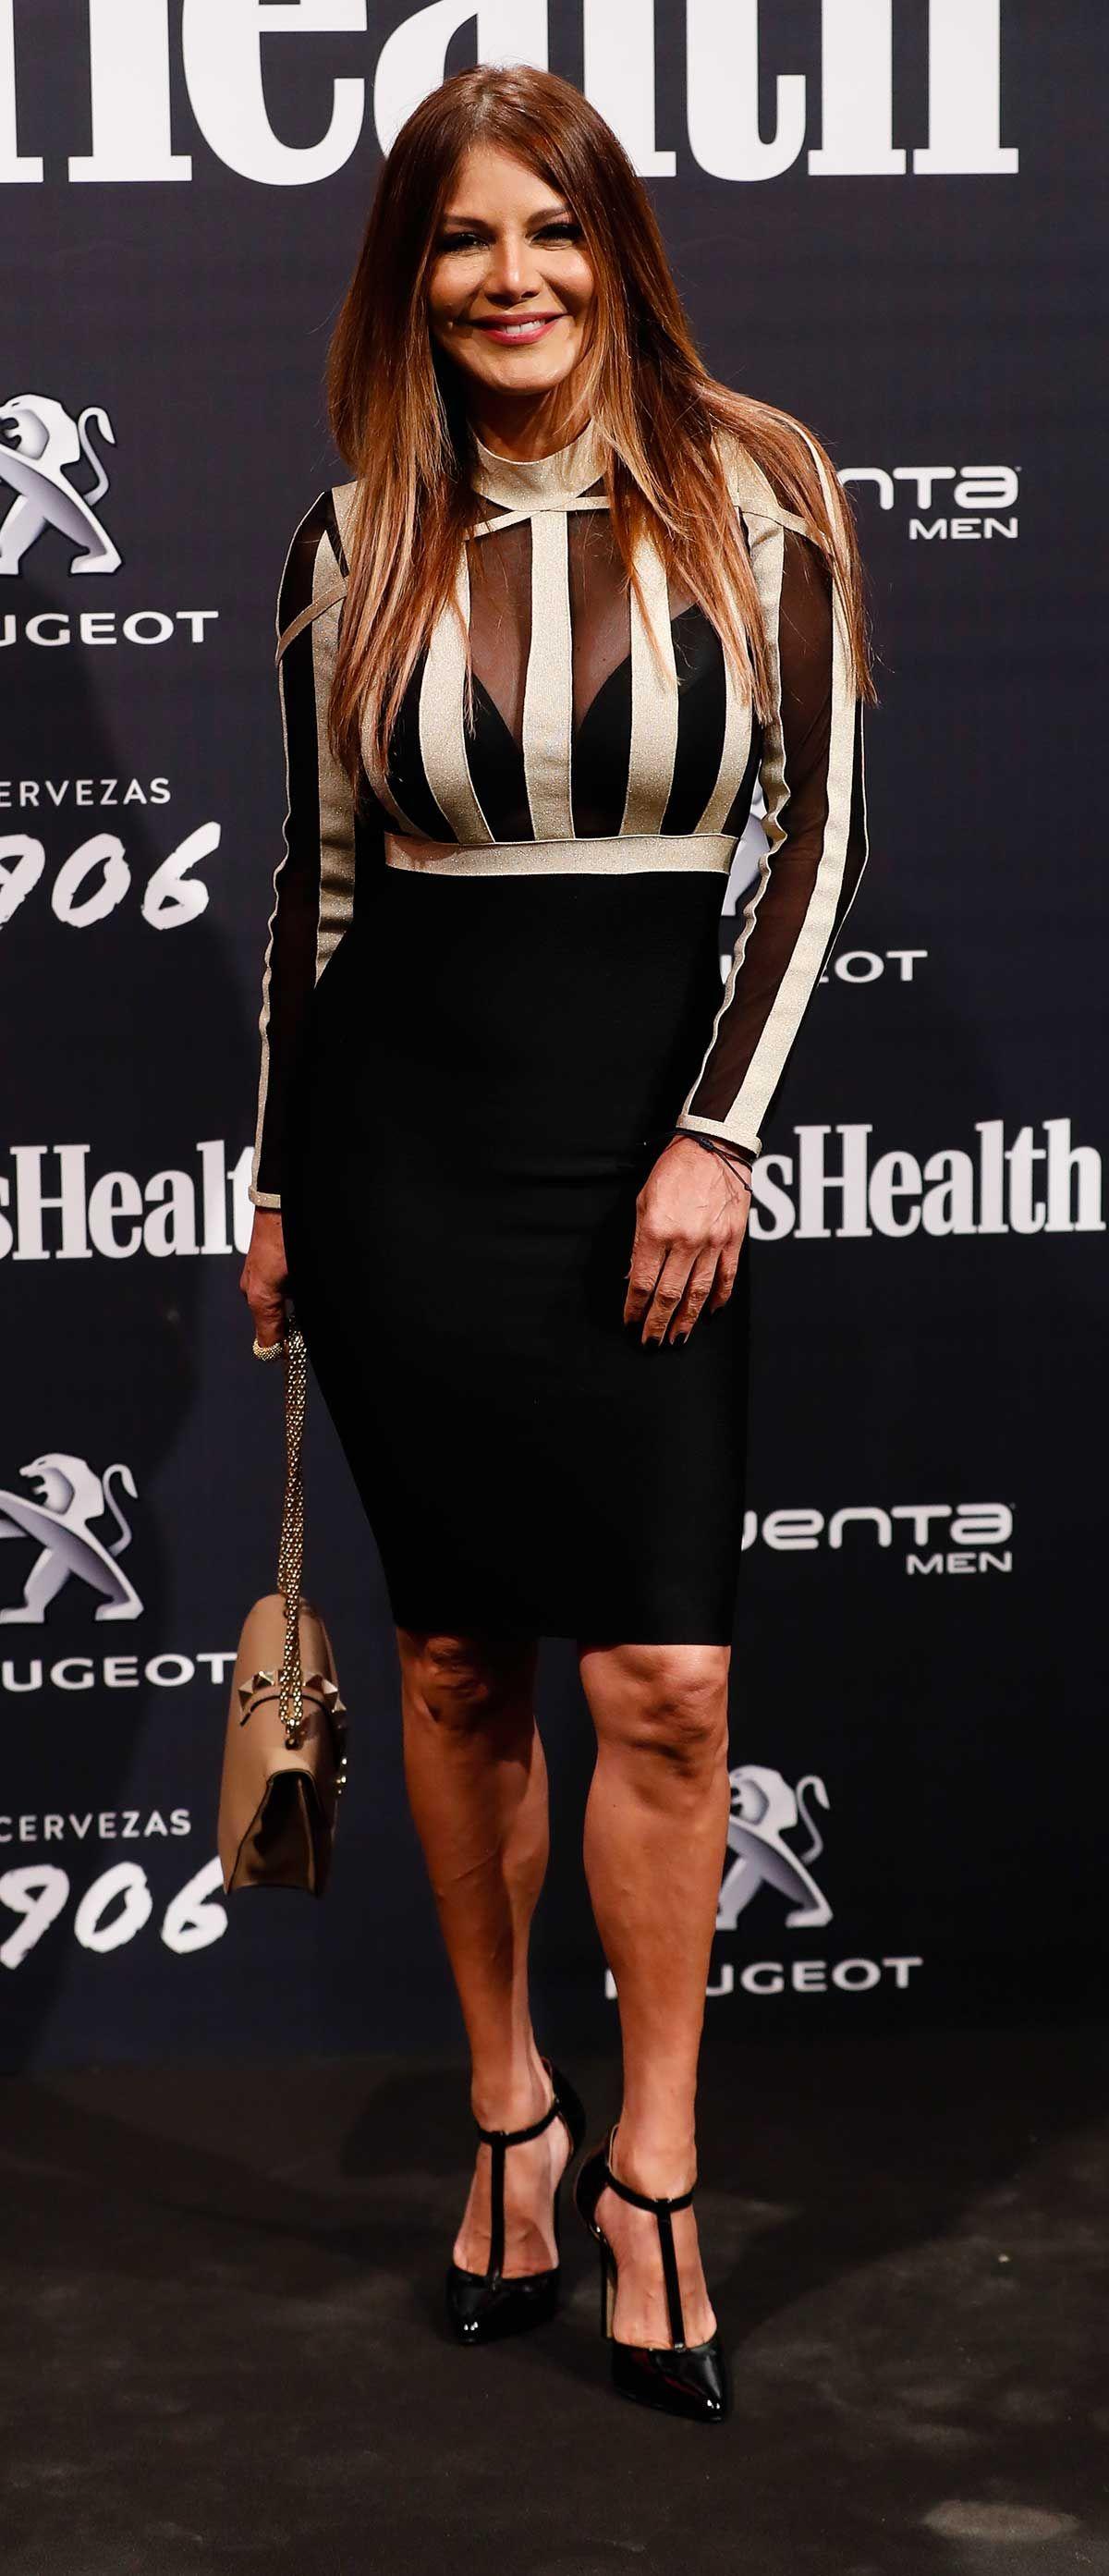 Ivonne Reyes en los premios Men's Health 2018